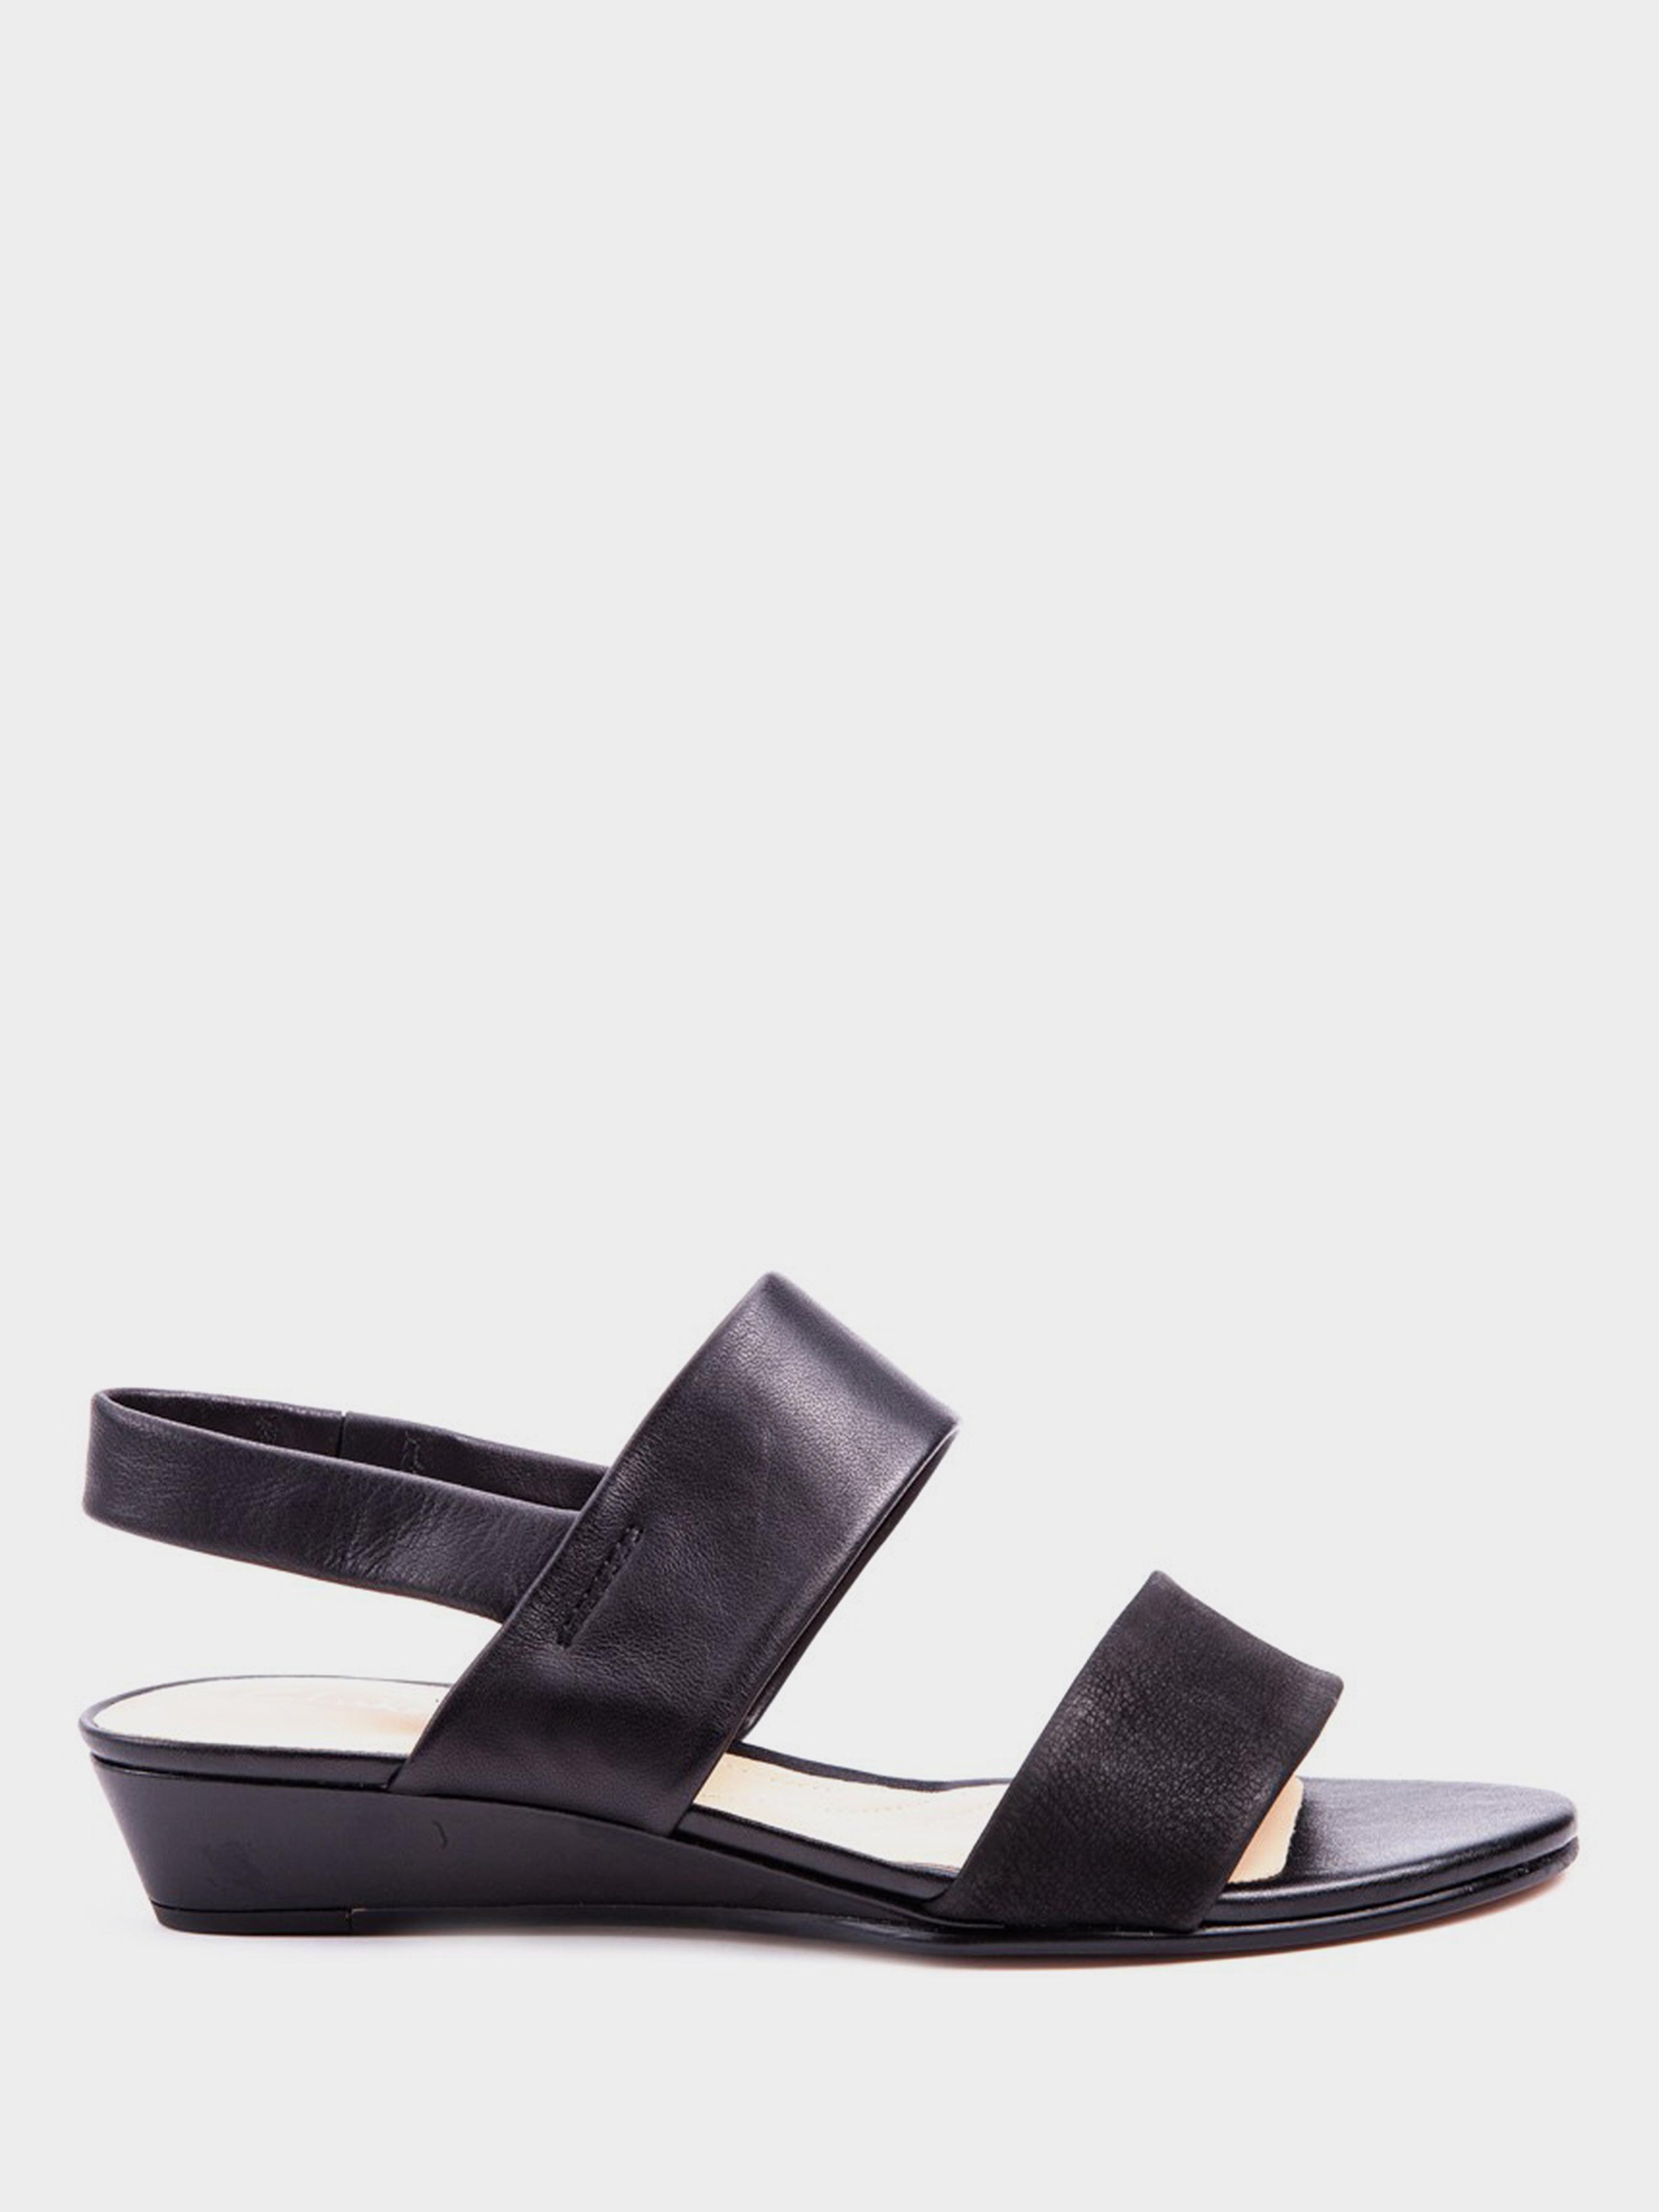 Босоножки женские Clarks Sense Lily OW4422 размеры обуви, 2017